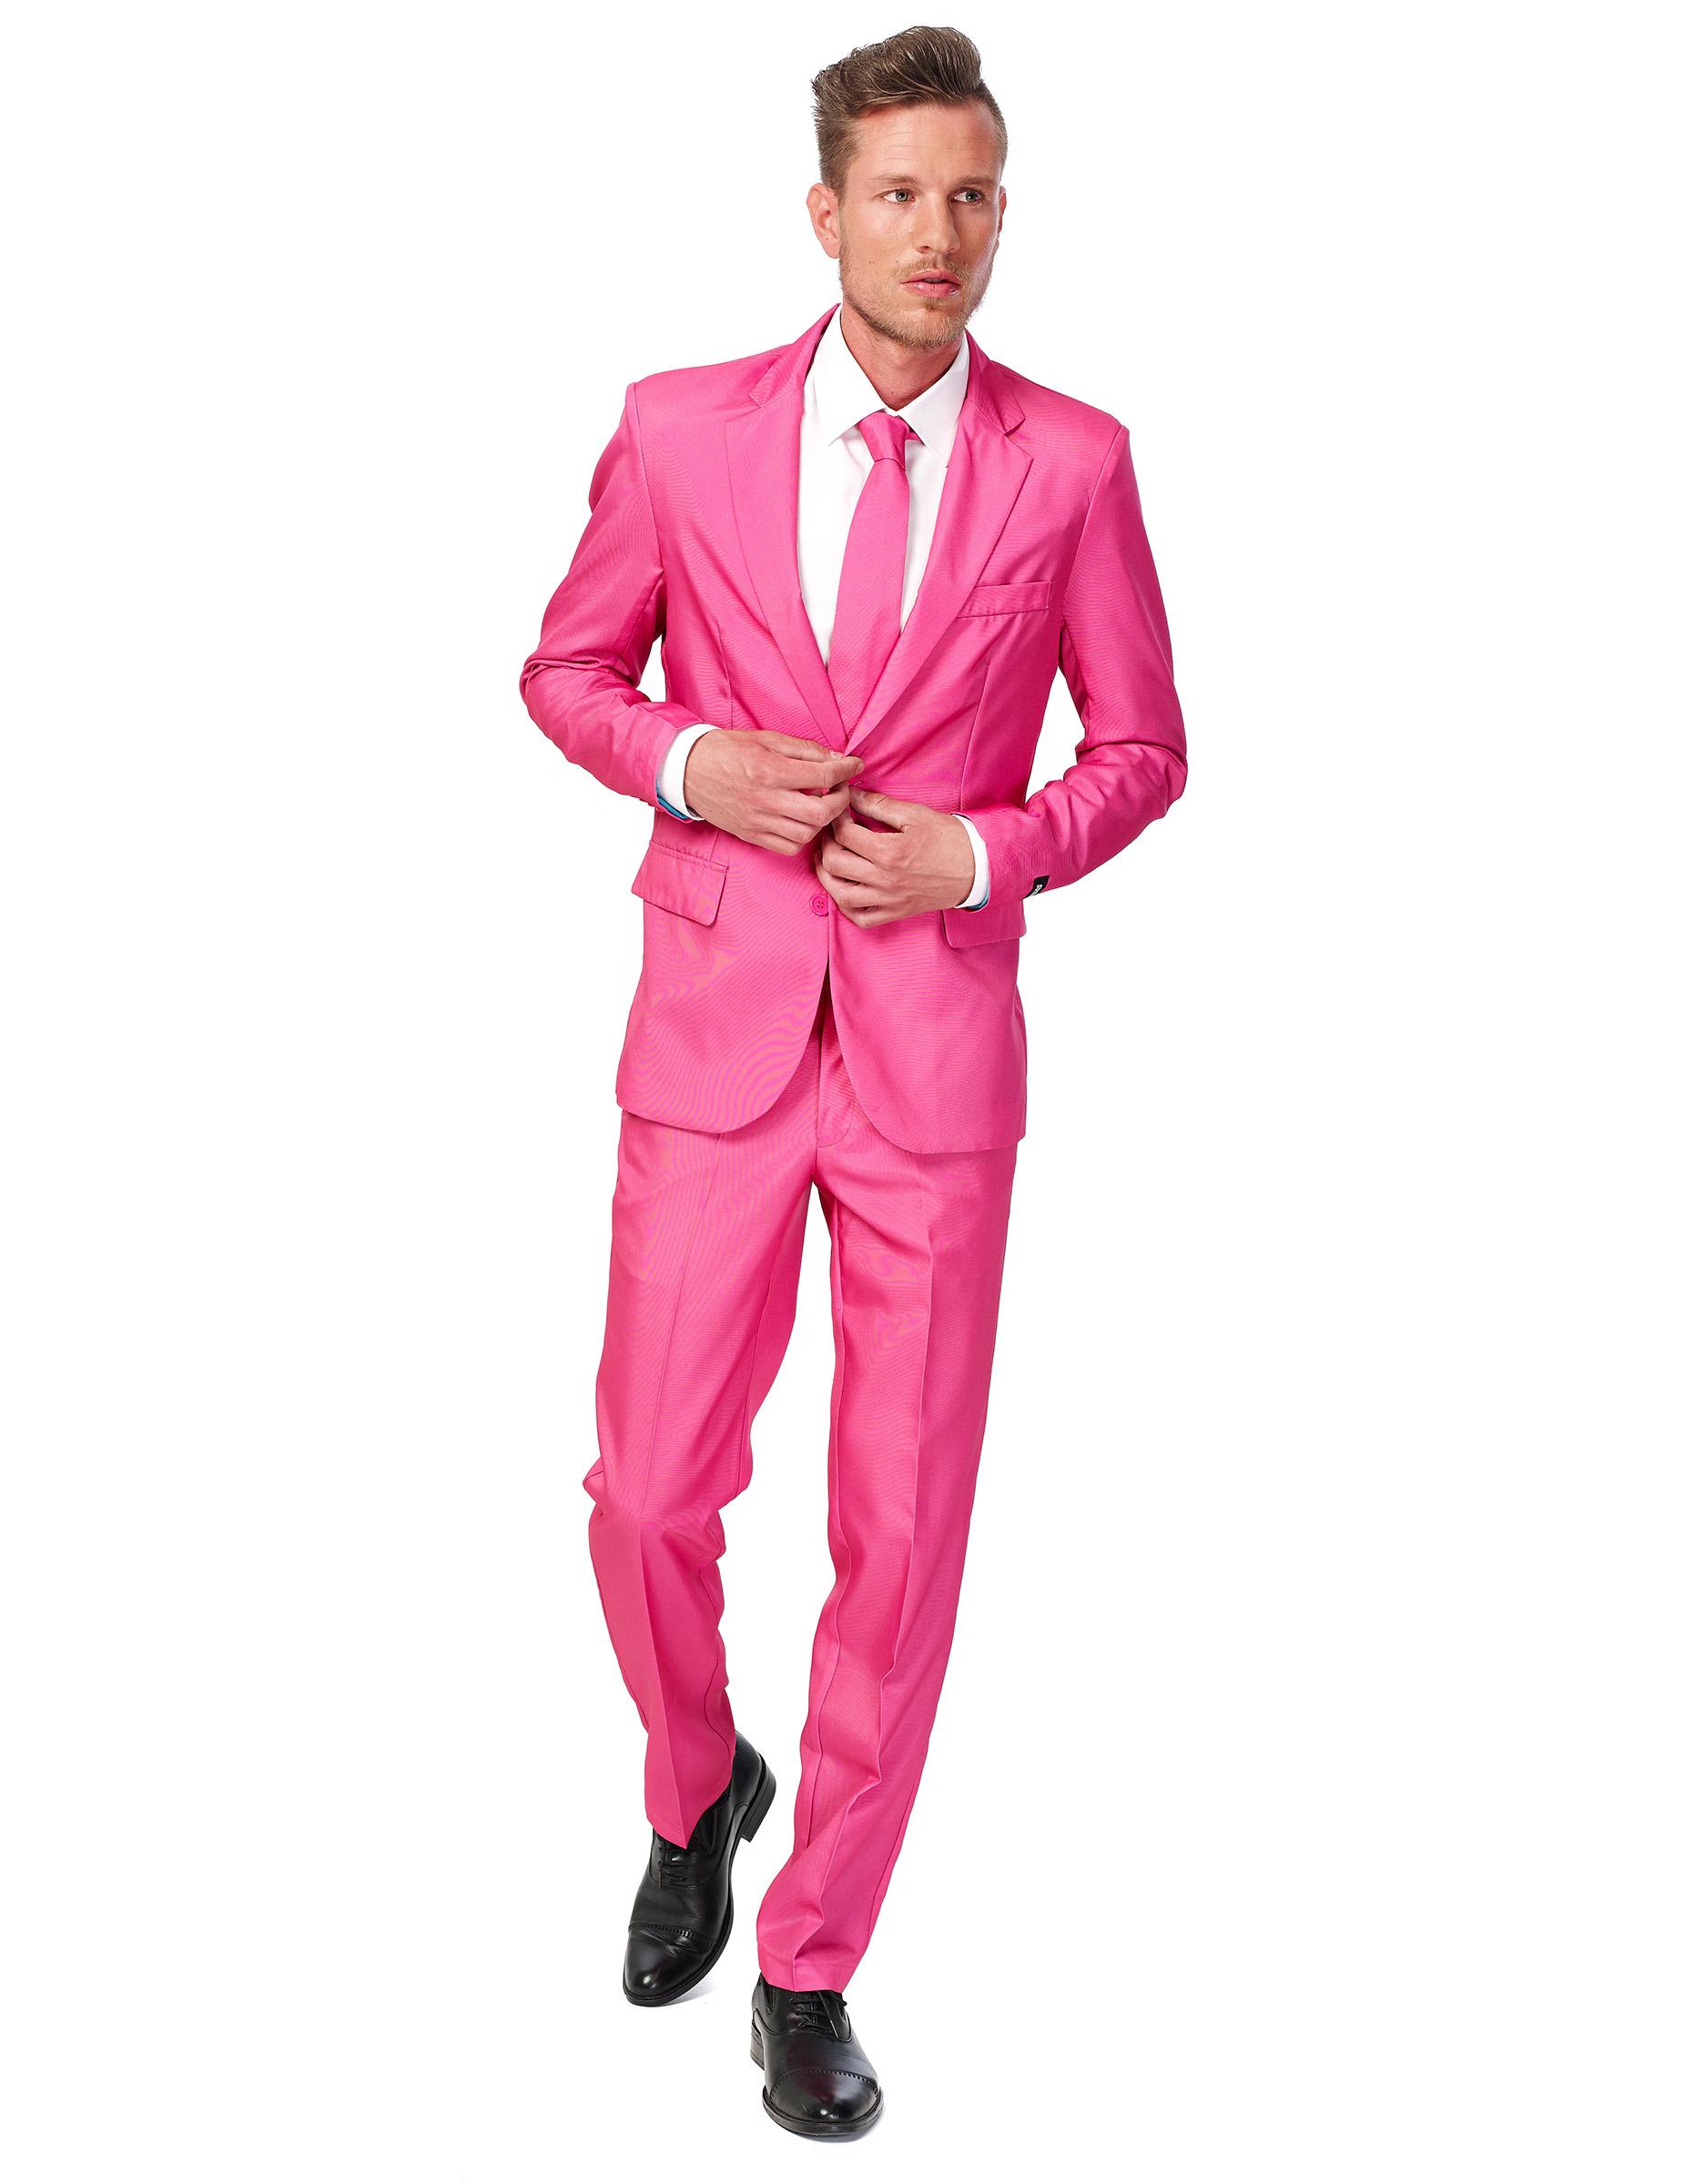 Descubre diseños elegantes y cortes refinados en las colecciónes para hombre de HUGO BOSS. ¡Asegure éstos ahora - sin costes de envío!